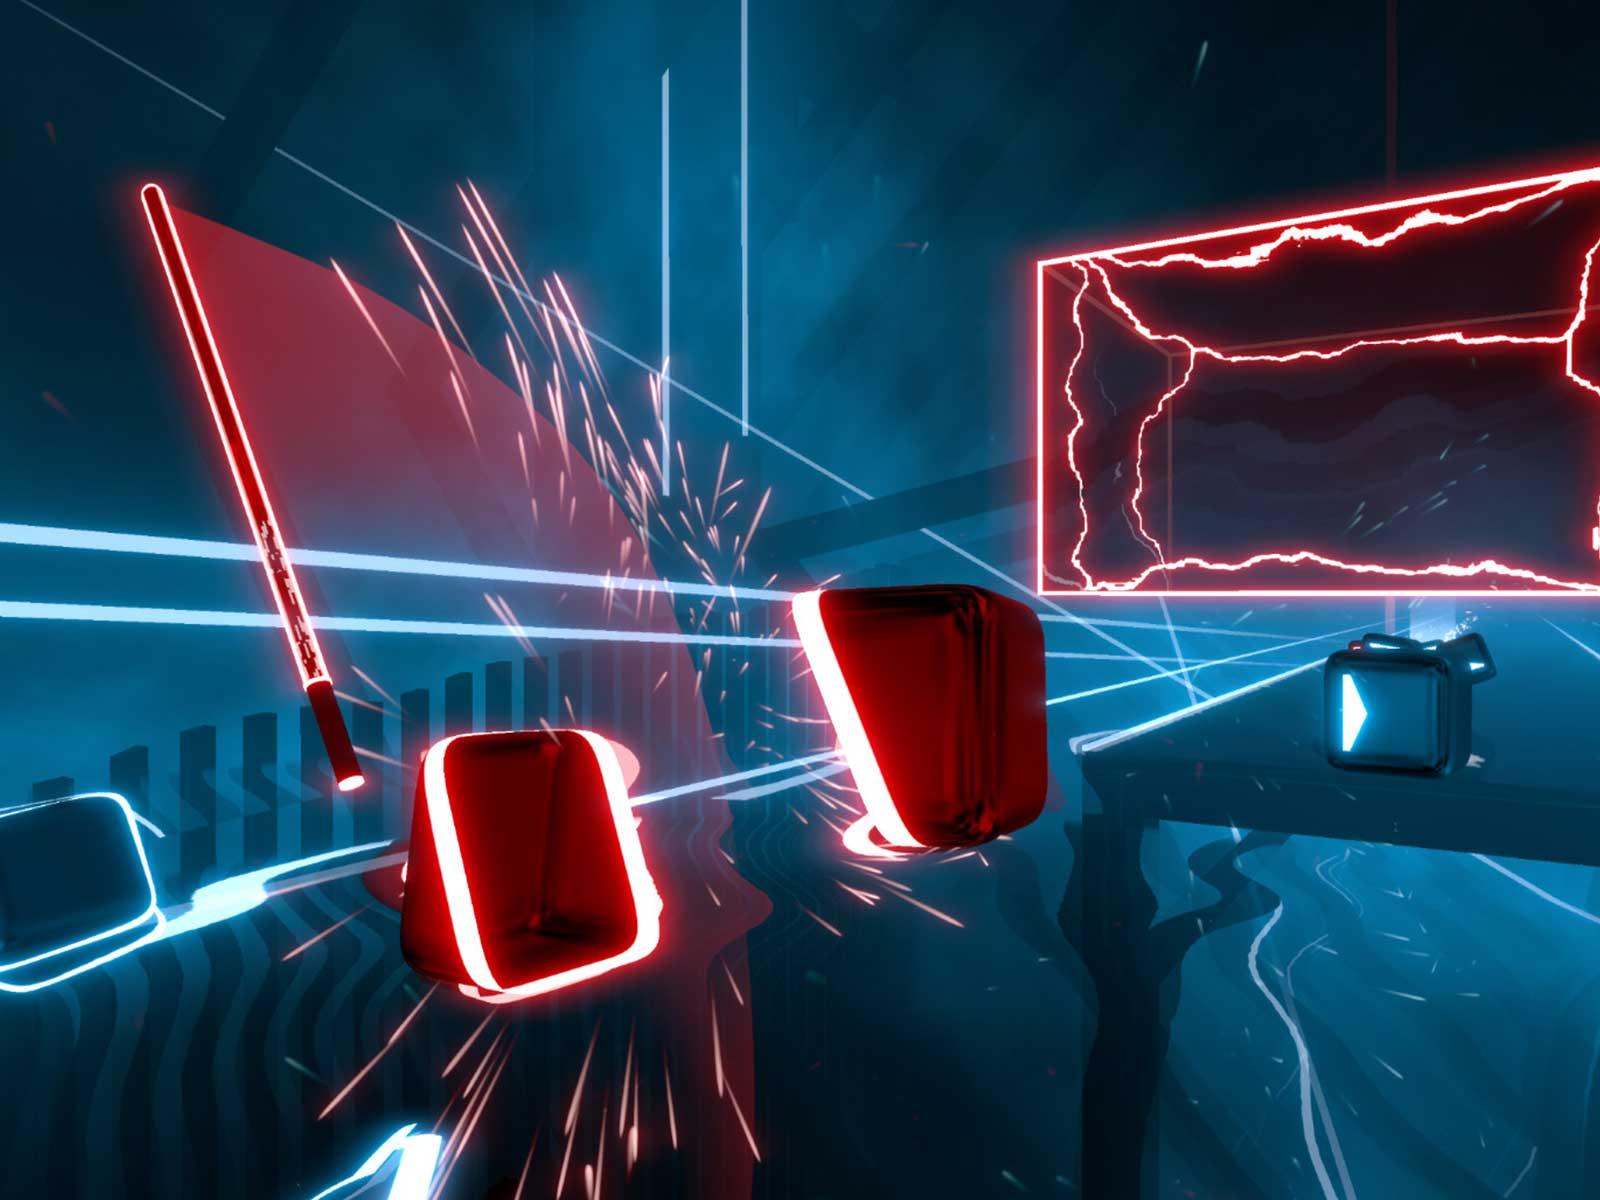 Animation musicale en réalité virtuelle